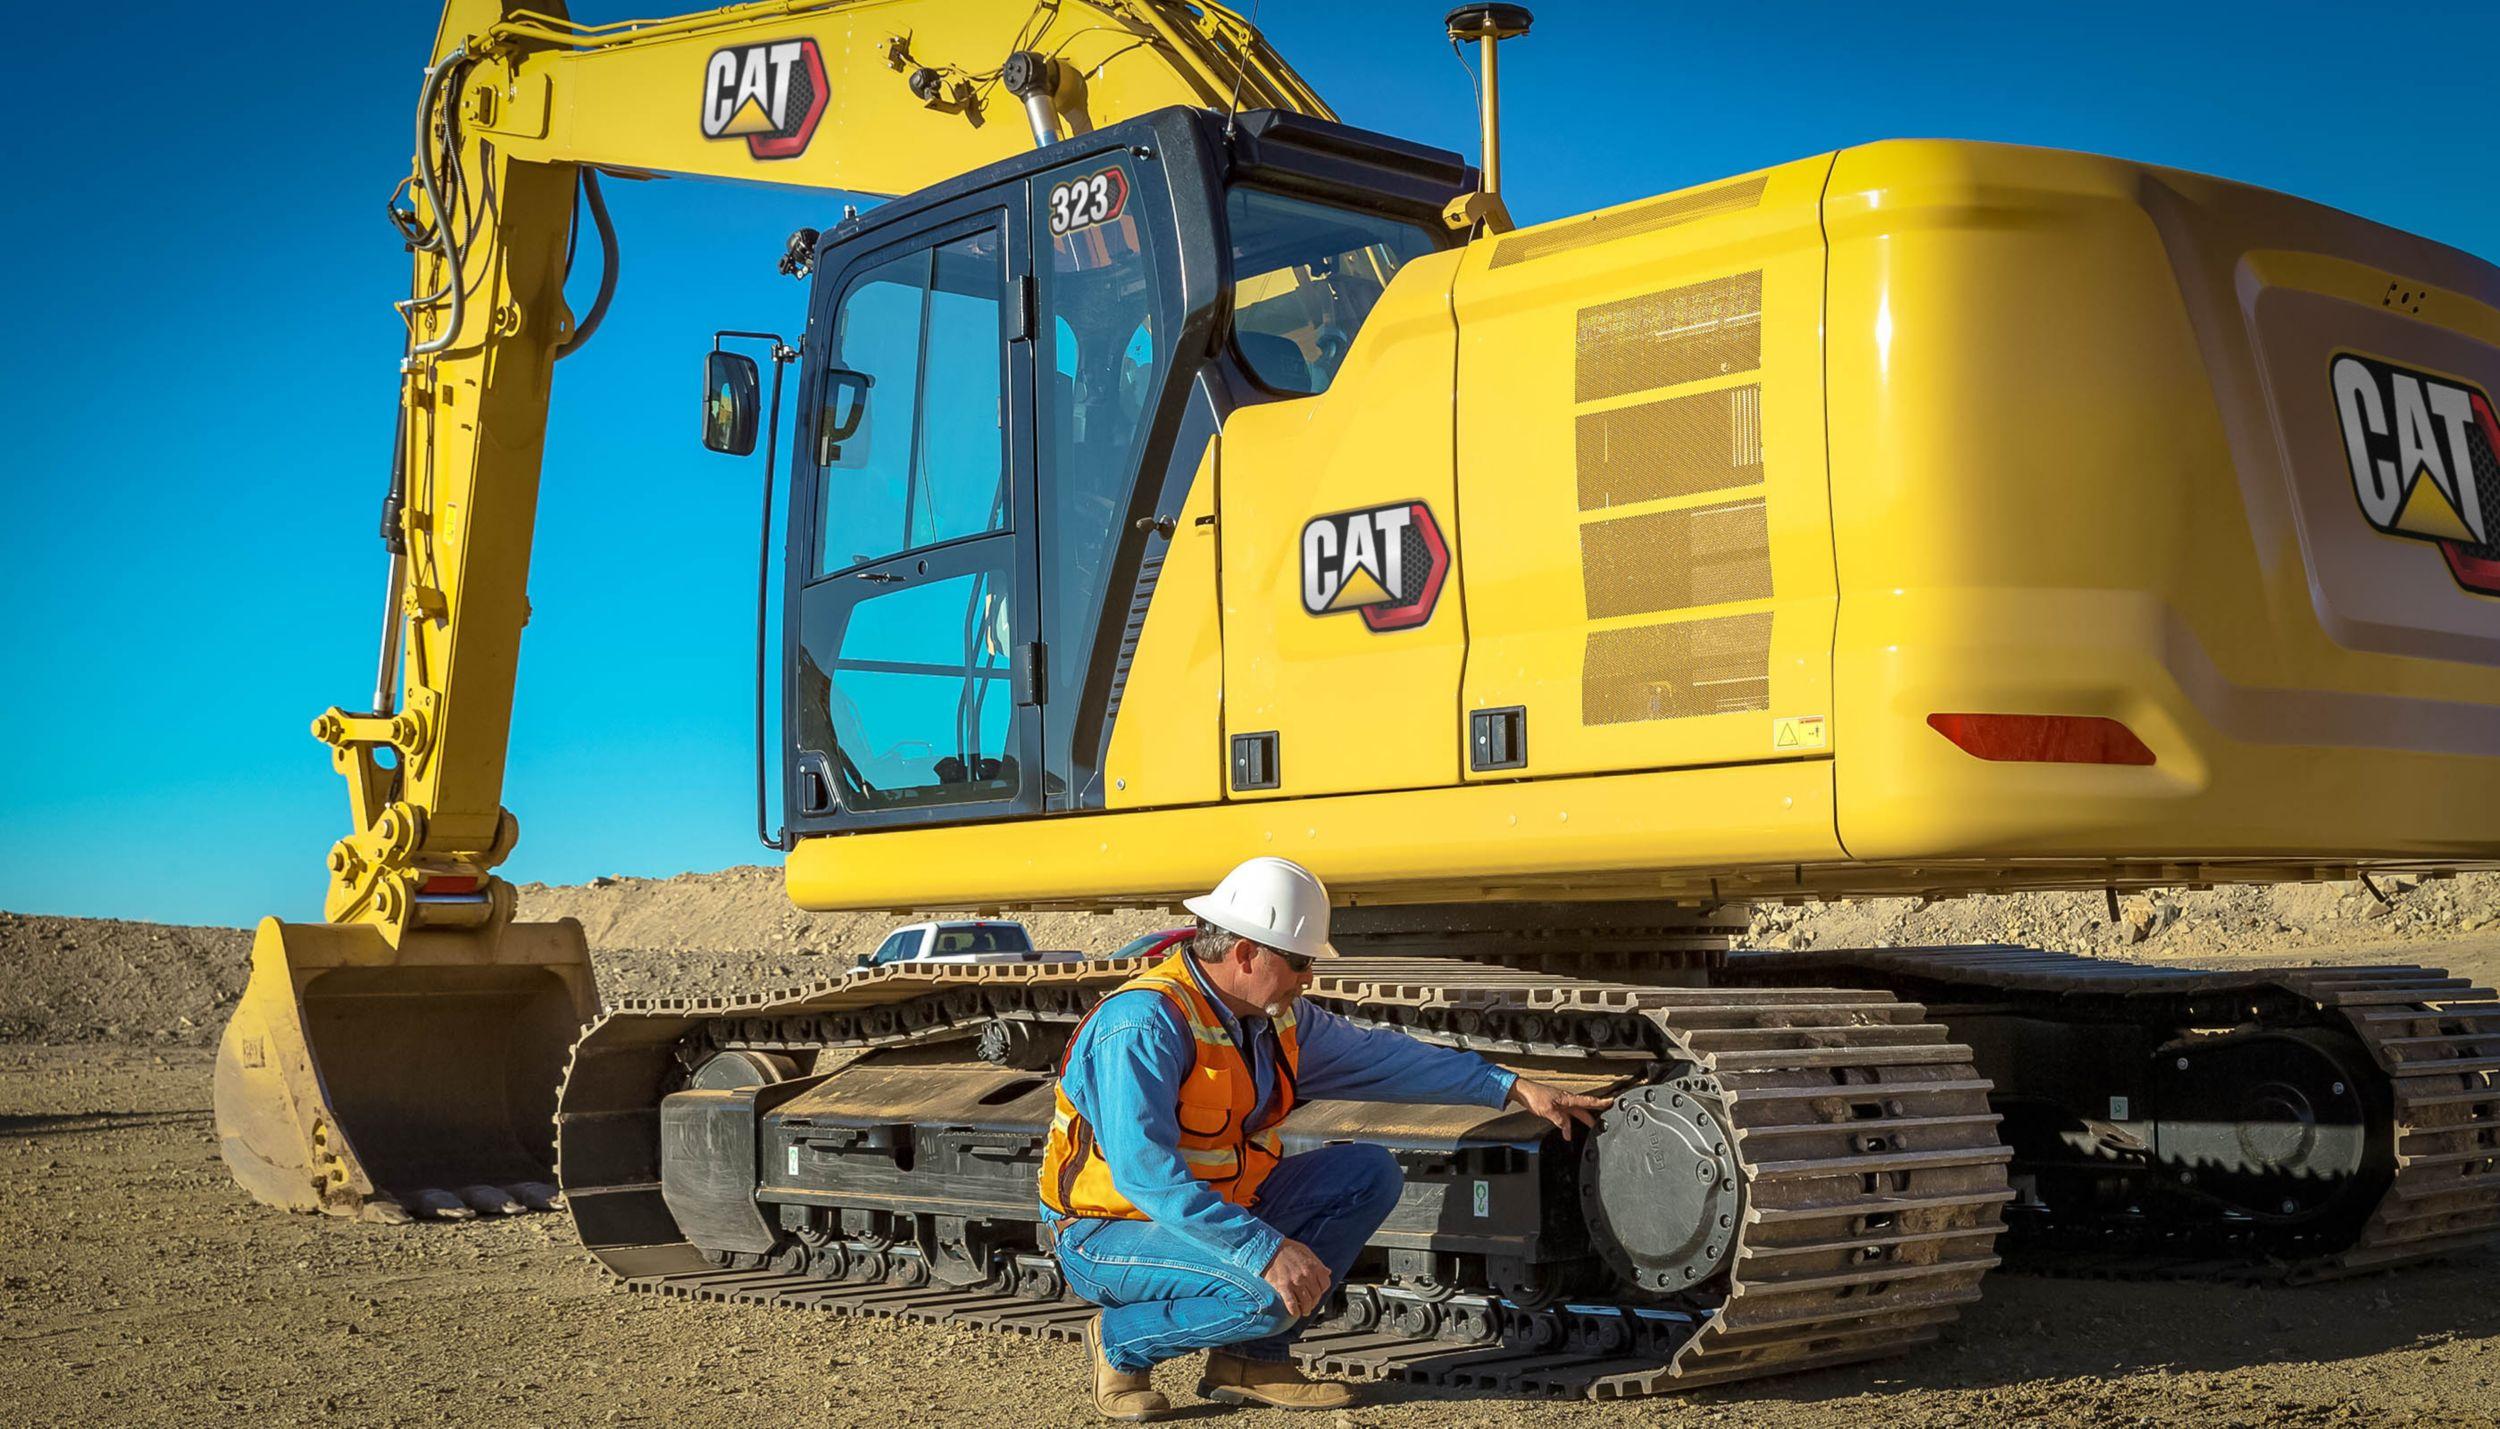 Cat   323 Hydraulic Excavator   Caterpillar